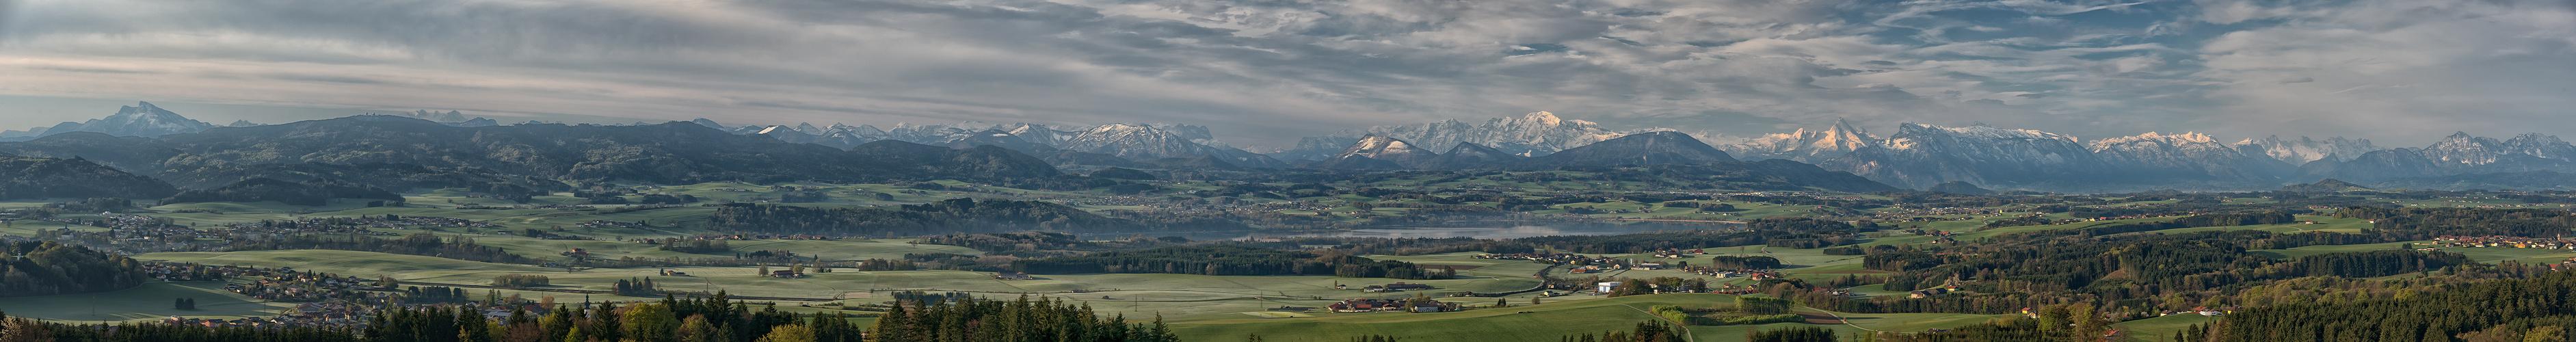 Tannberg Blick ins Alpenvorland